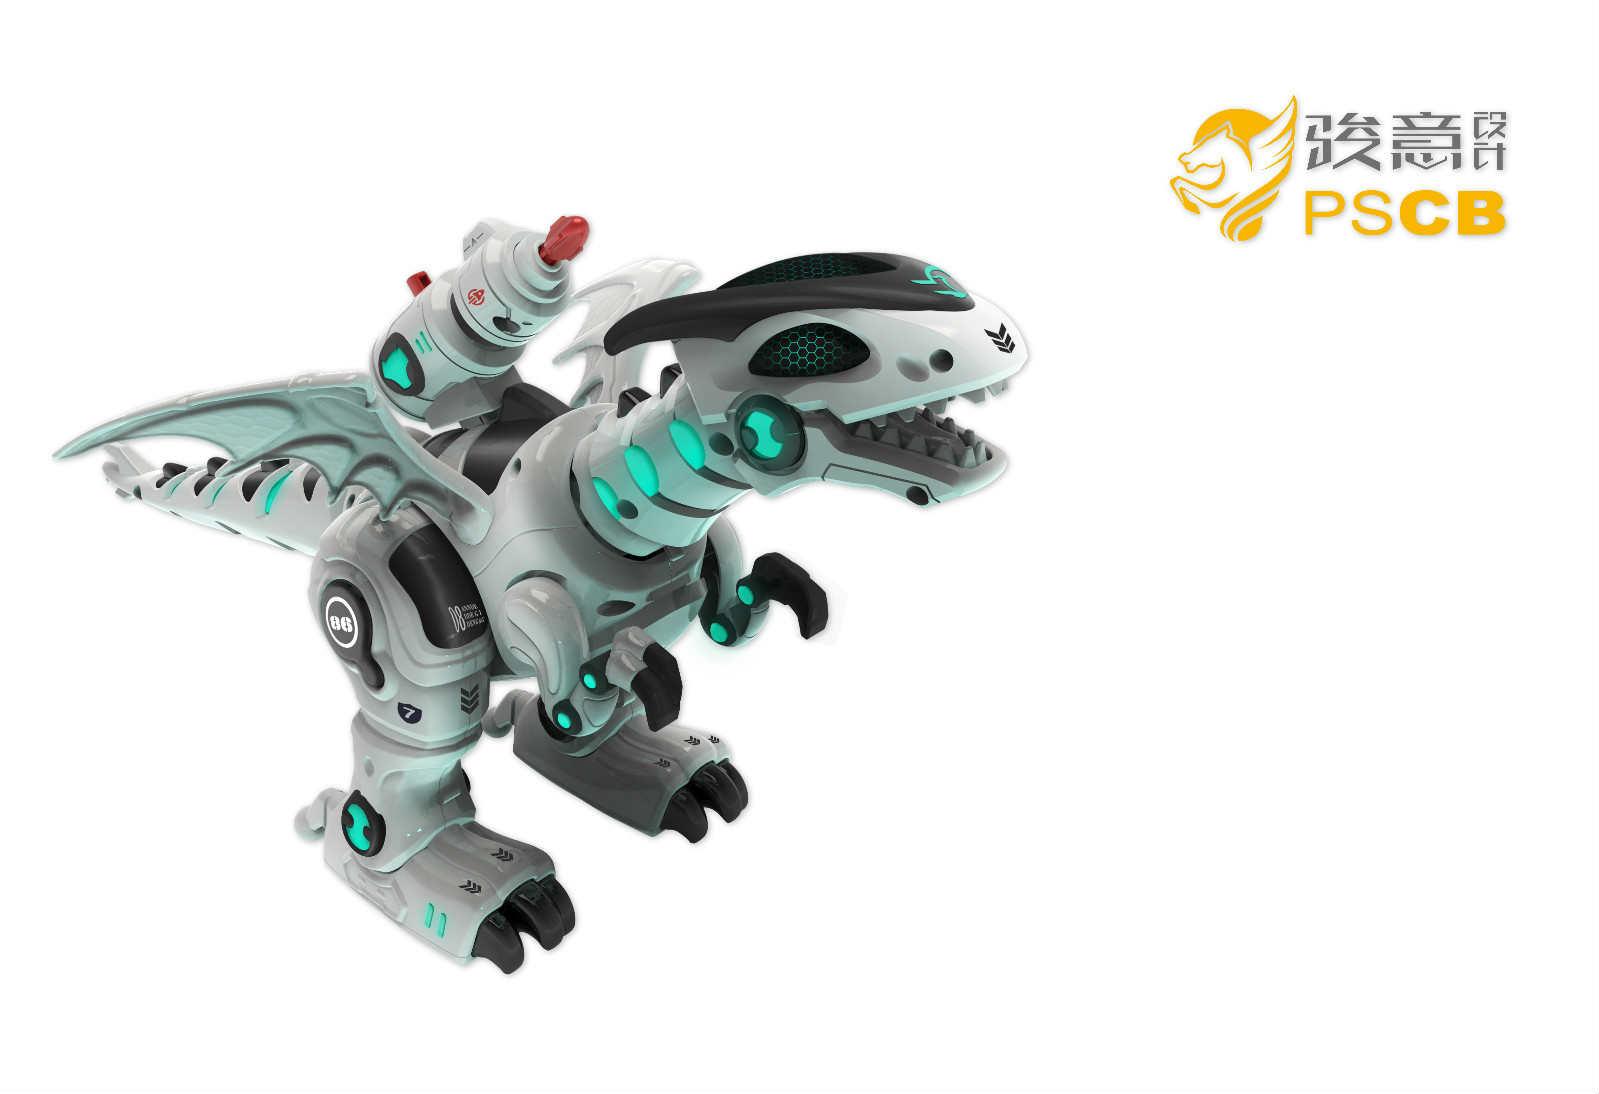 恐龙玩具设计